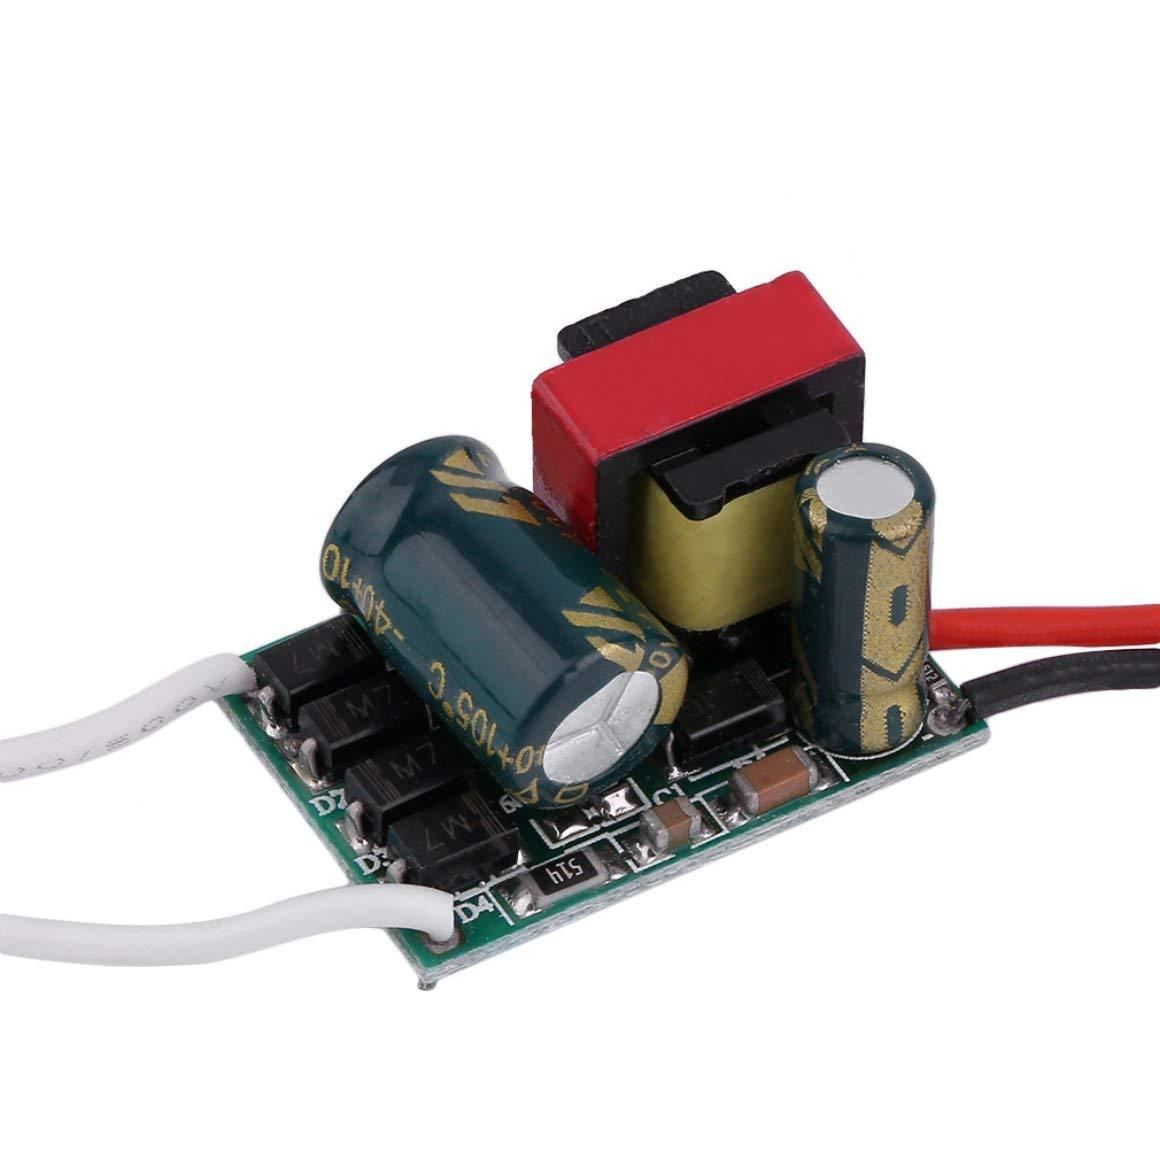 Funnyrunstore Trasformatore di driver di alimentazione ad alta alimentazione non impermeabile professionale Driver di alta tensione 85-265V180-300mA +/- 5% (Tipo: 18-25W)